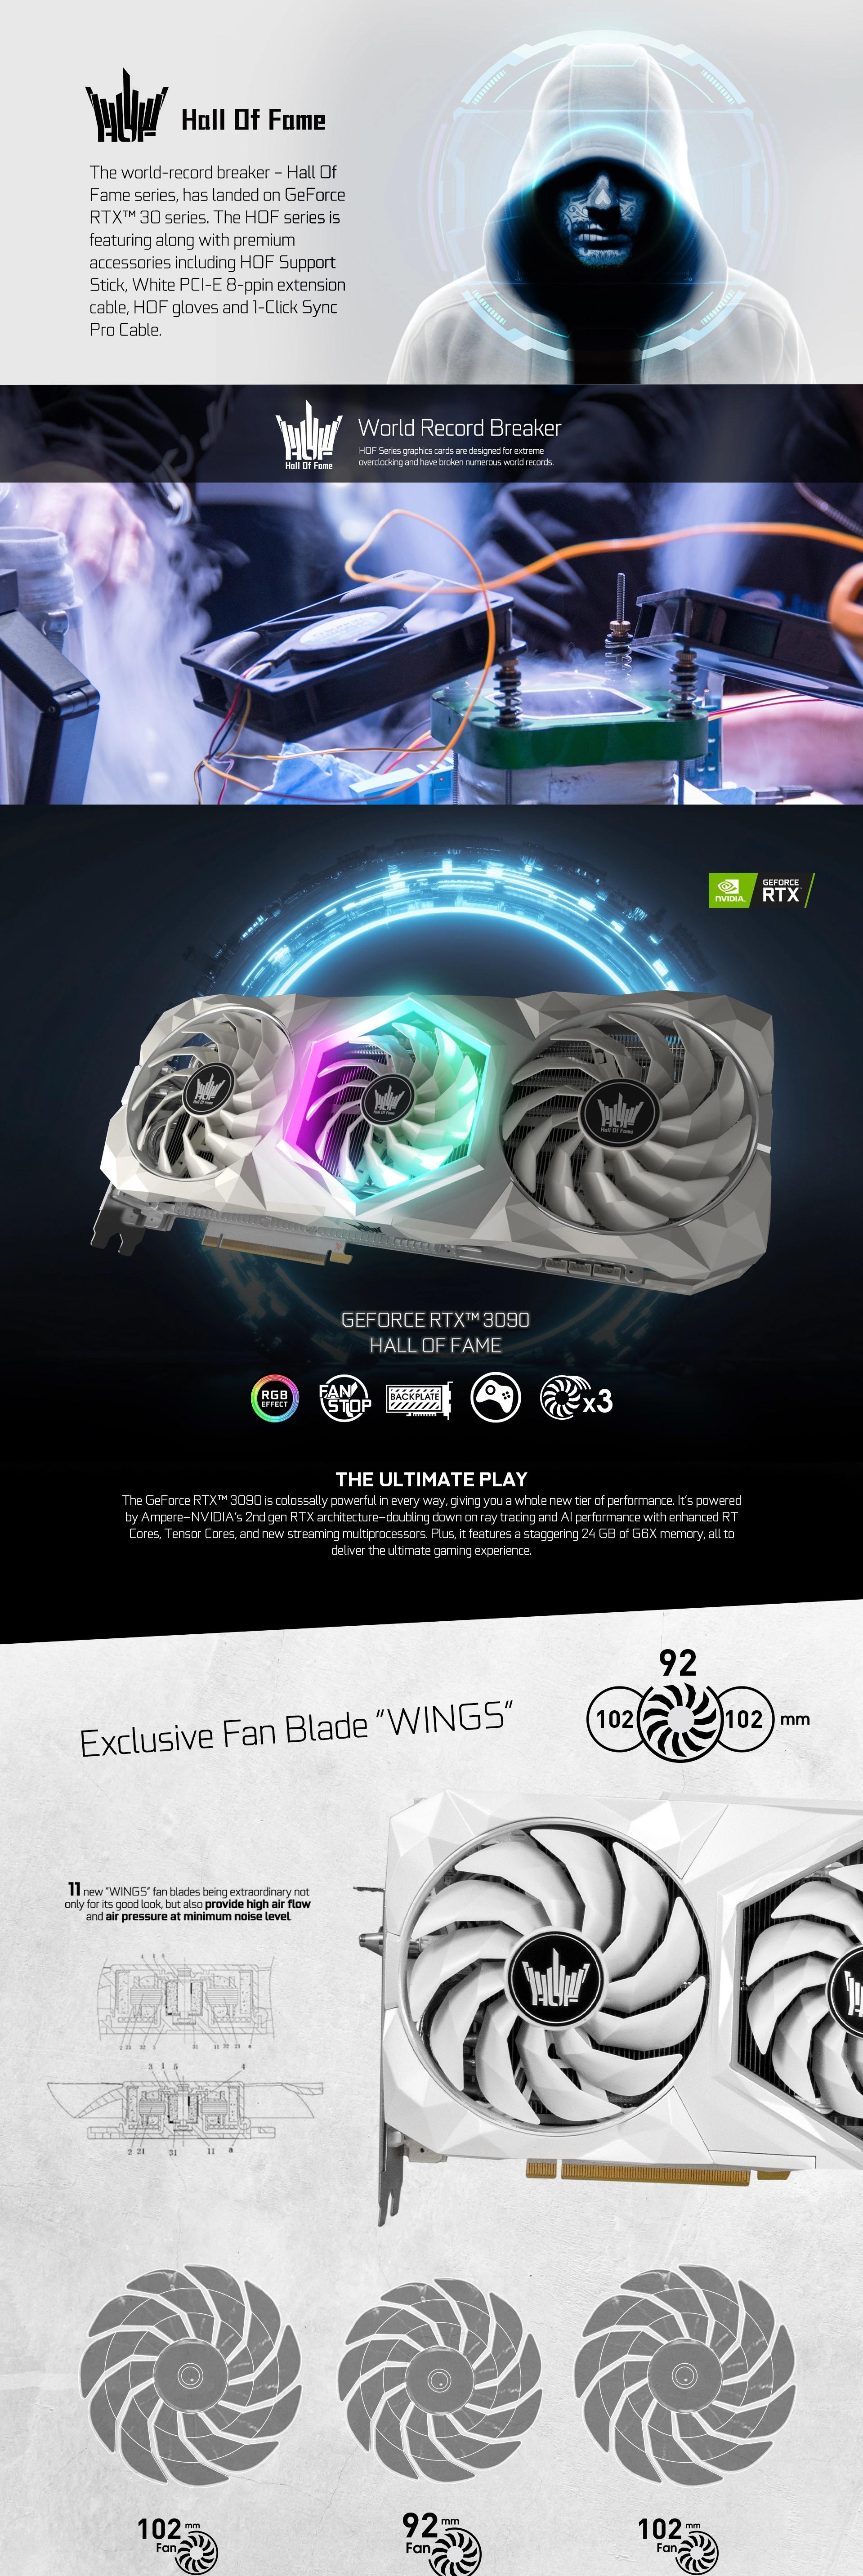 Card Màn Hình GALAX GeForce RTX 3090 HOF